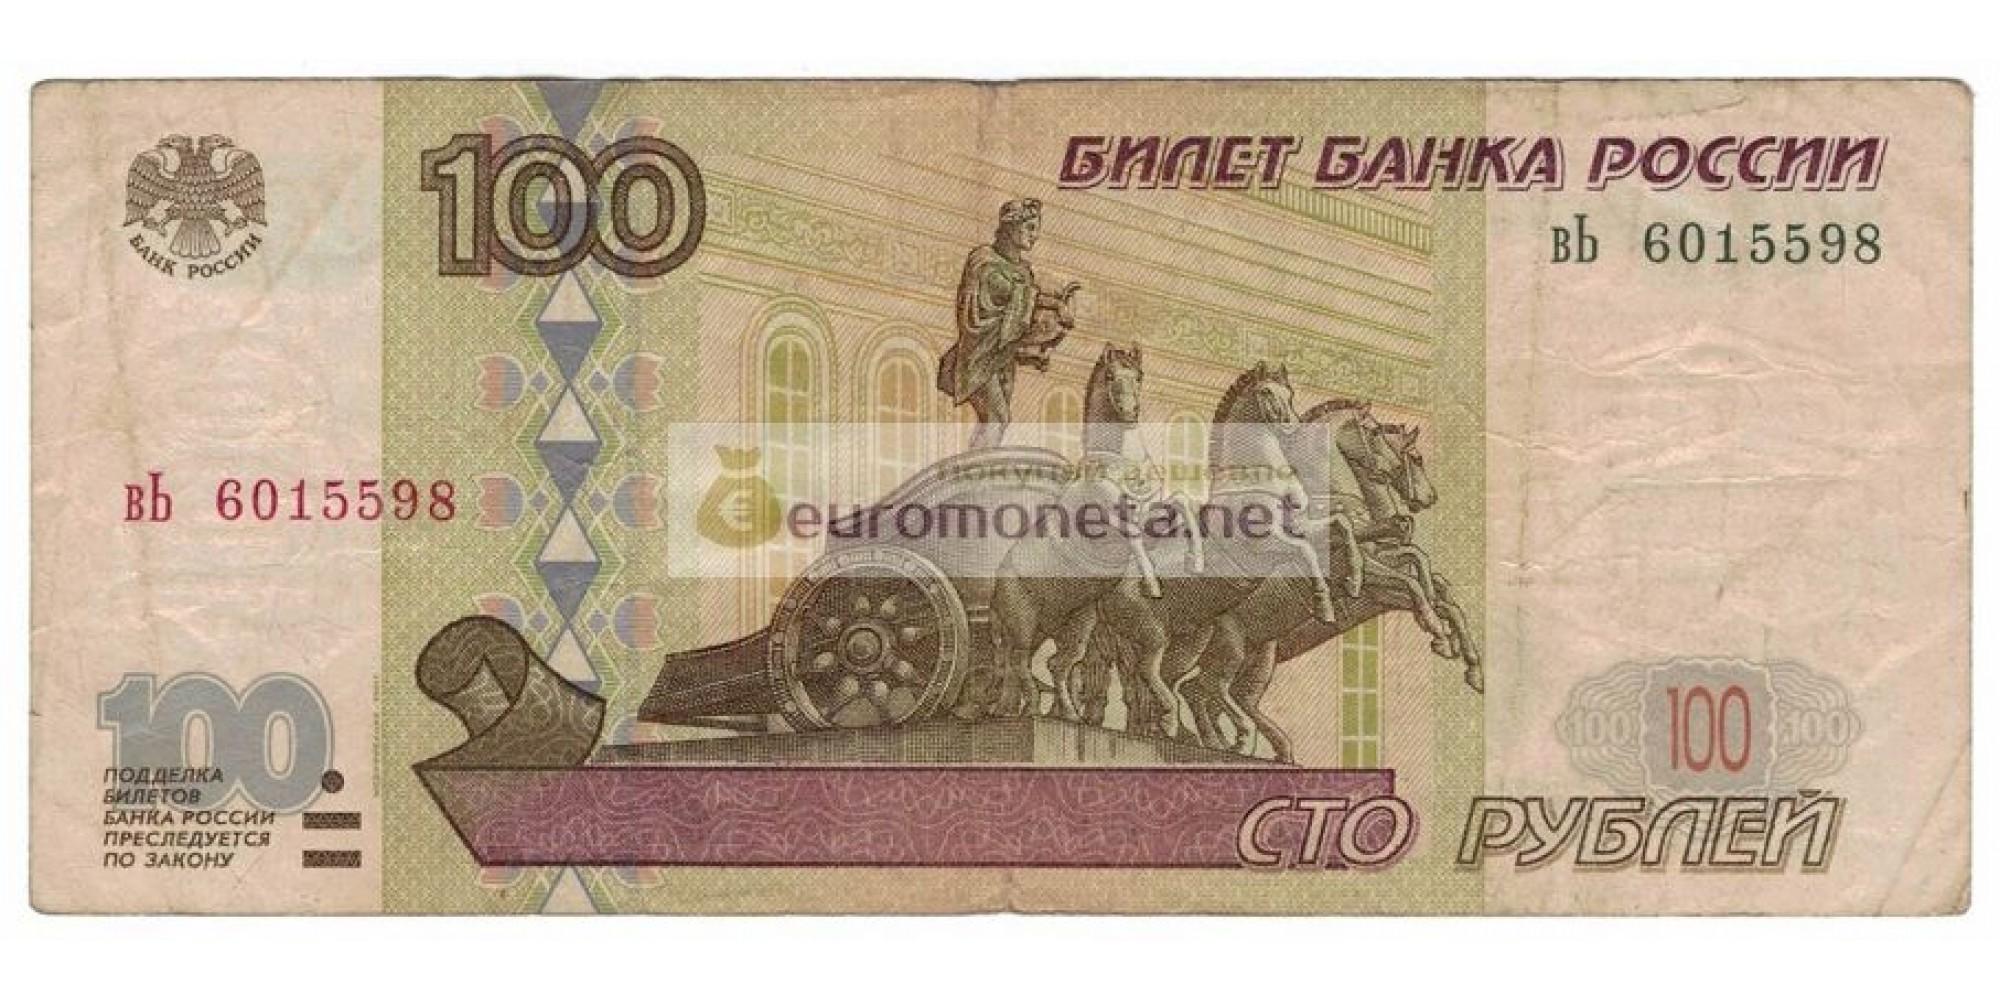 Россия 100 рублей 1997 год модификация 2001 год серия вЬ 6015598